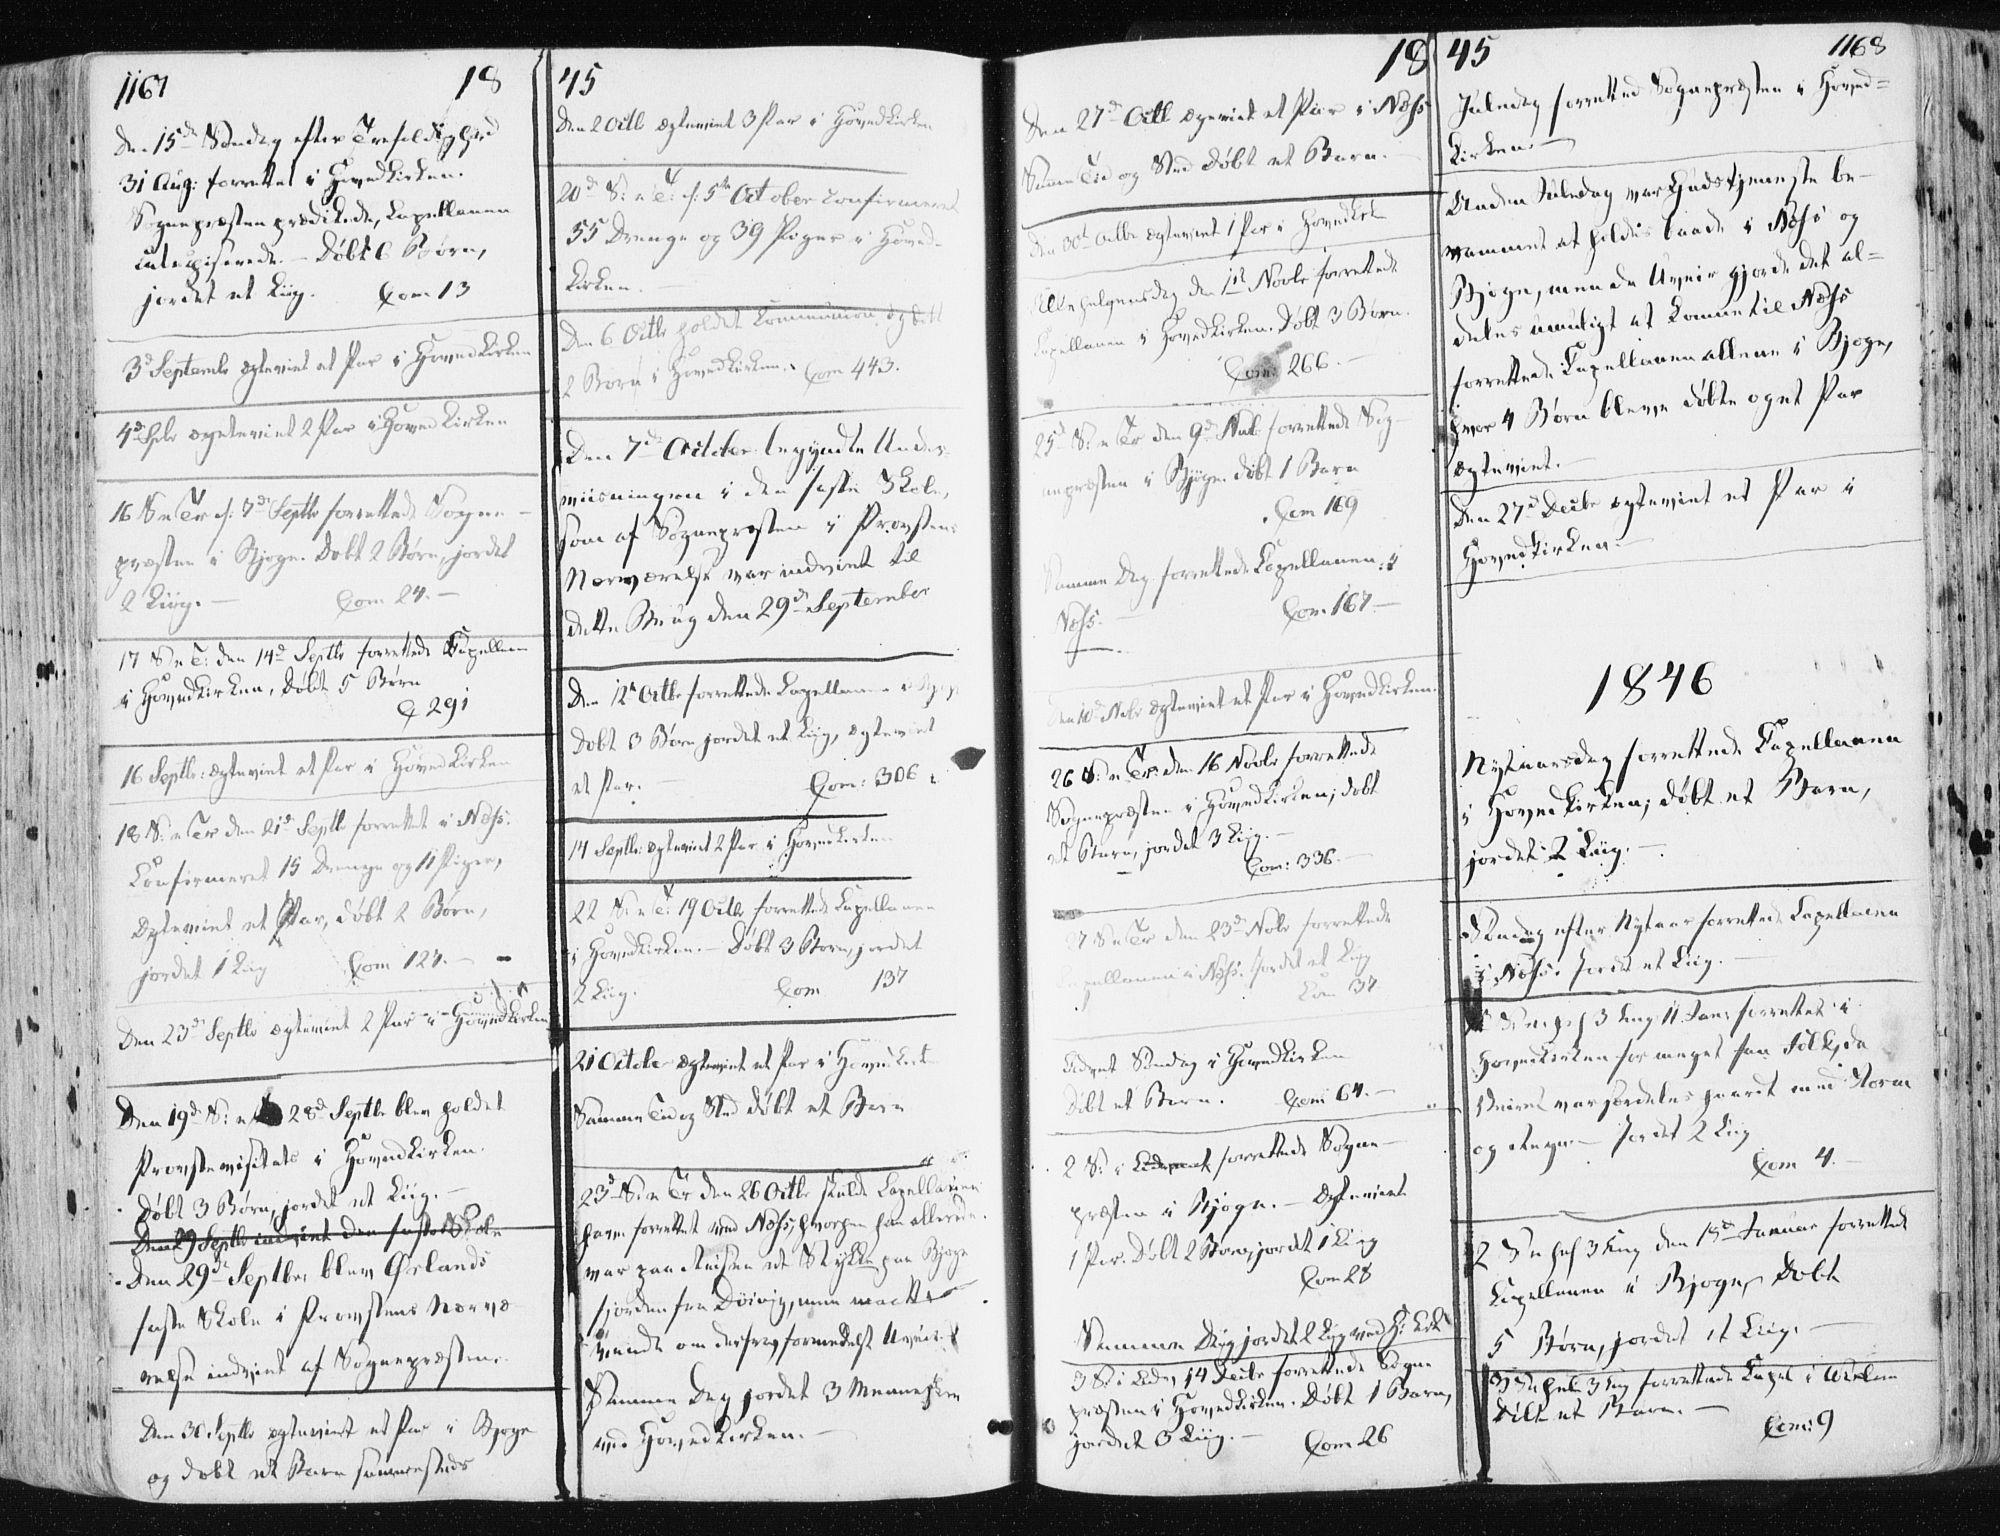 SAT, Ministerialprotokoller, klokkerbøker og fødselsregistre - Sør-Trøndelag, 659/L0736: Ministerialbok nr. 659A06, 1842-1856, s. 1167-1168